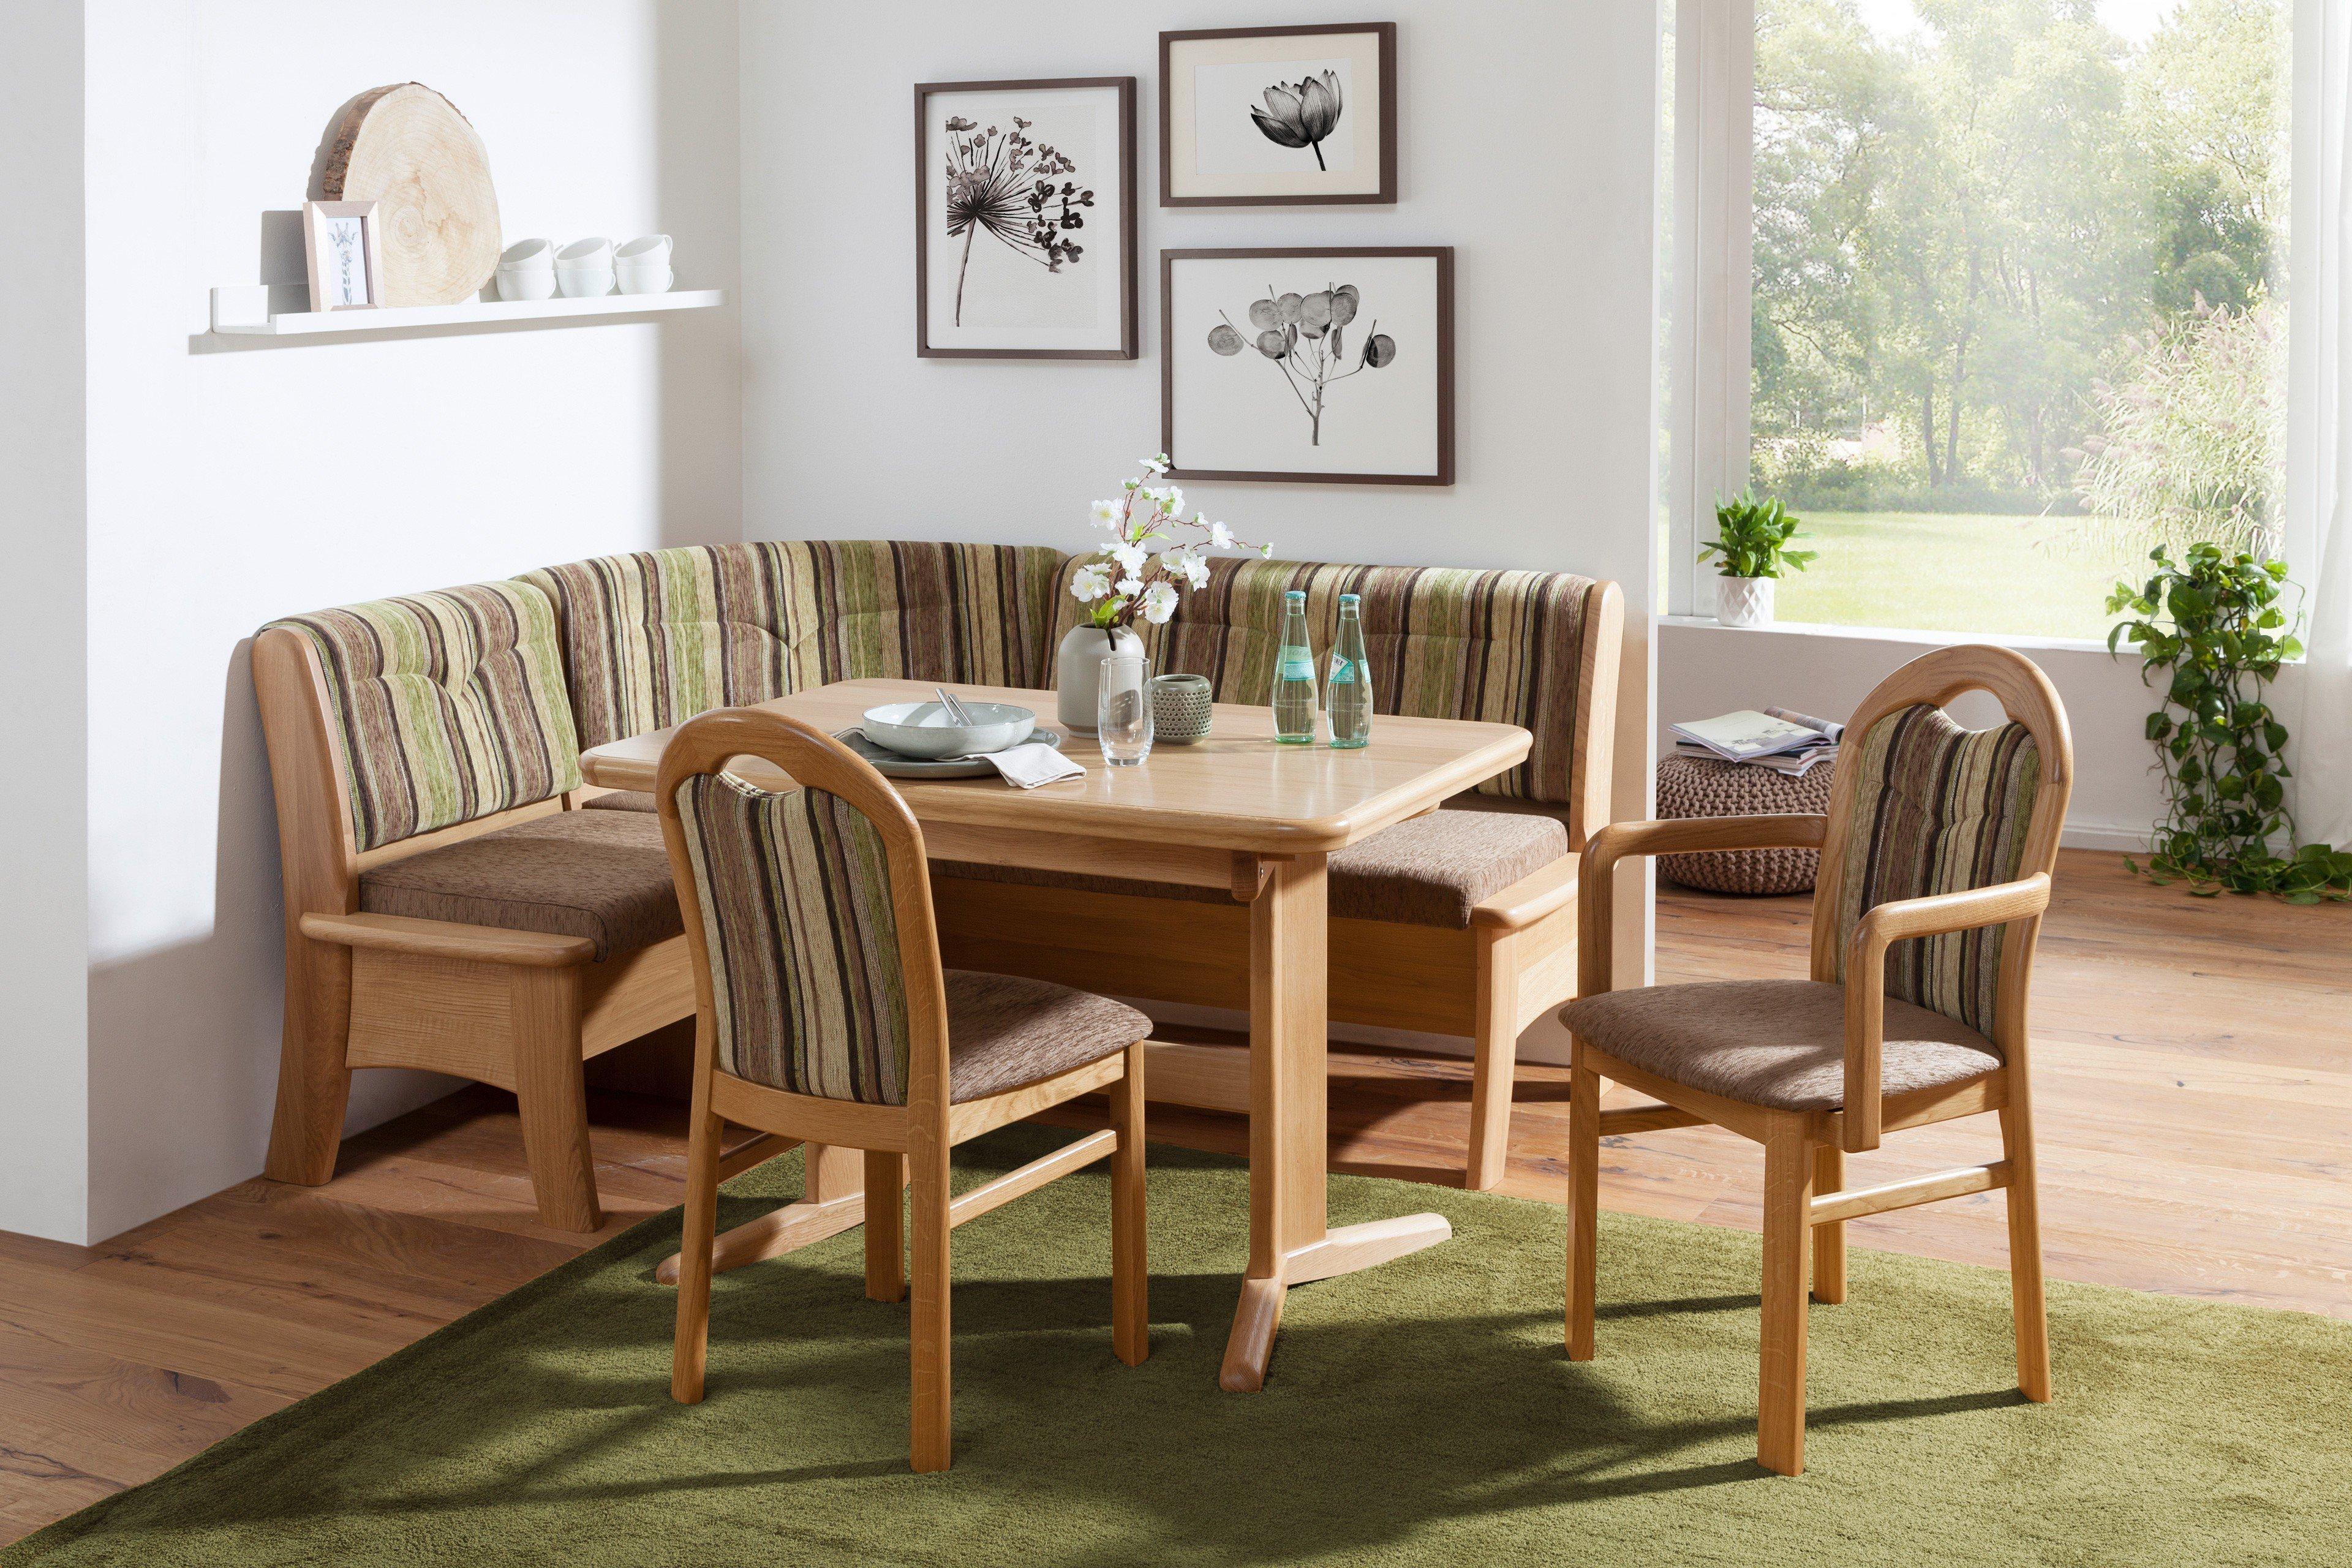 sch sswender eckbank pias mit stauraum m bel letz ihr. Black Bedroom Furniture Sets. Home Design Ideas